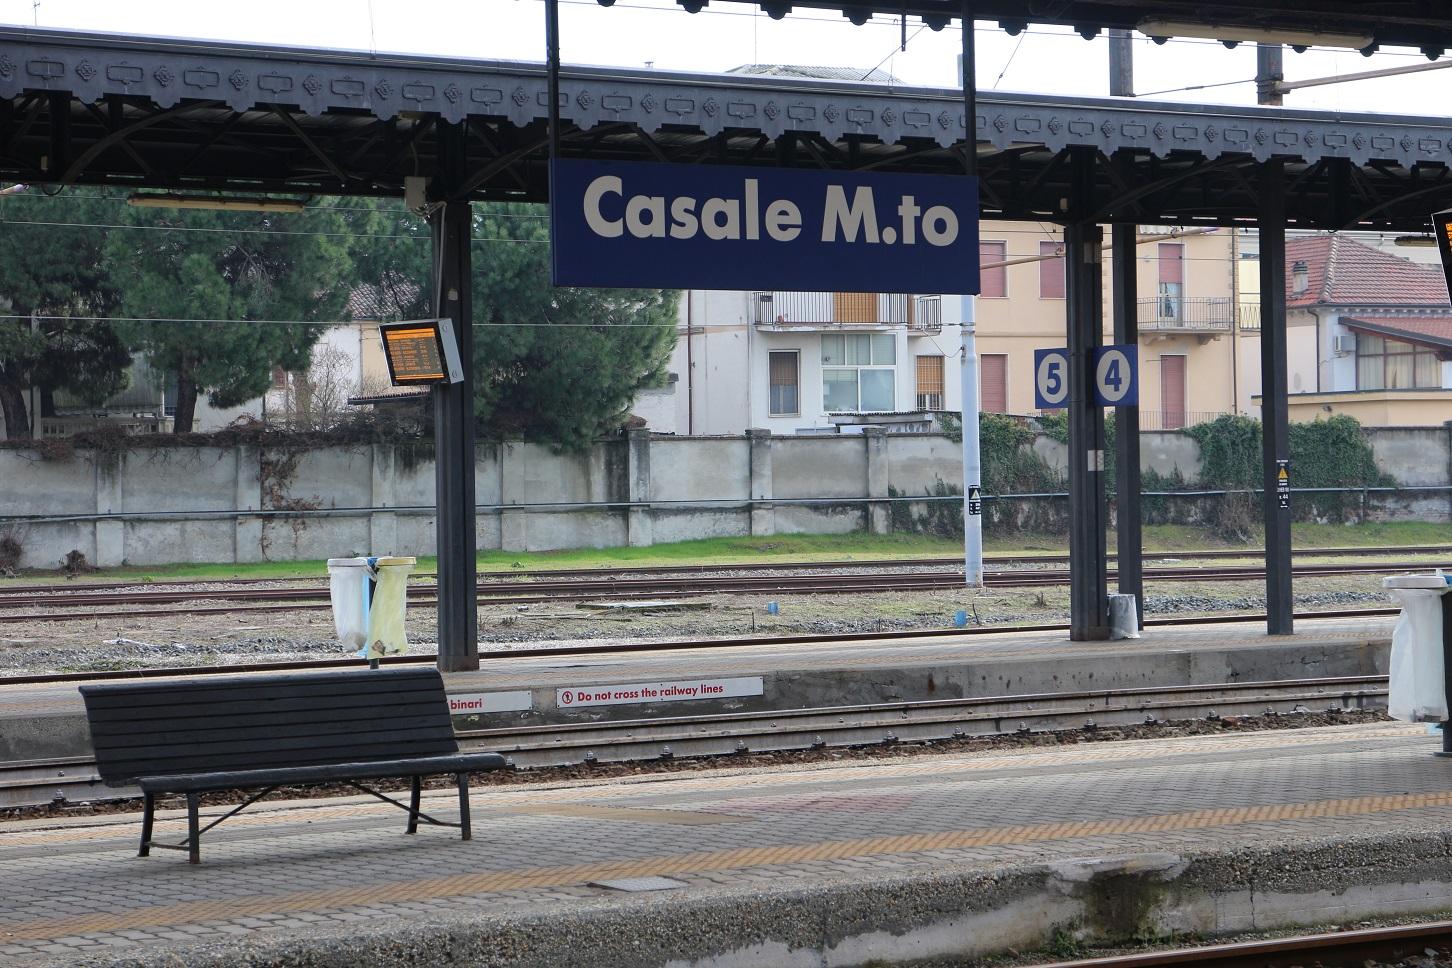 A estação de trem de Casale Monferrato, uma das sedes da Eternit na Itália. Foto Janaína Cesar